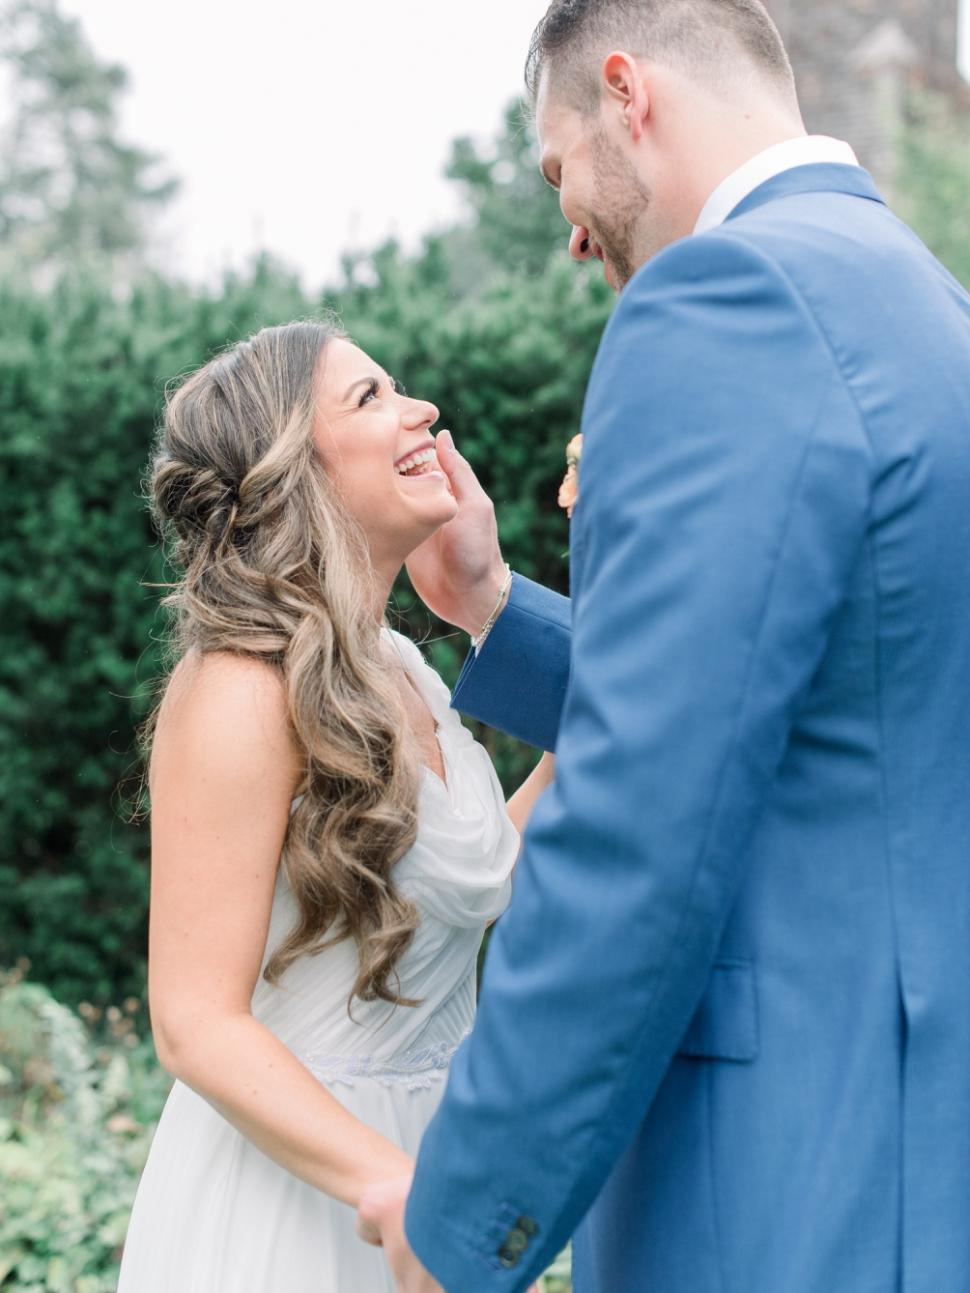 New-Jersey-Wedding-Photographer-Cassi-Claire-Inn-at-Fernbrook-Farms-Wedding_11.jpg